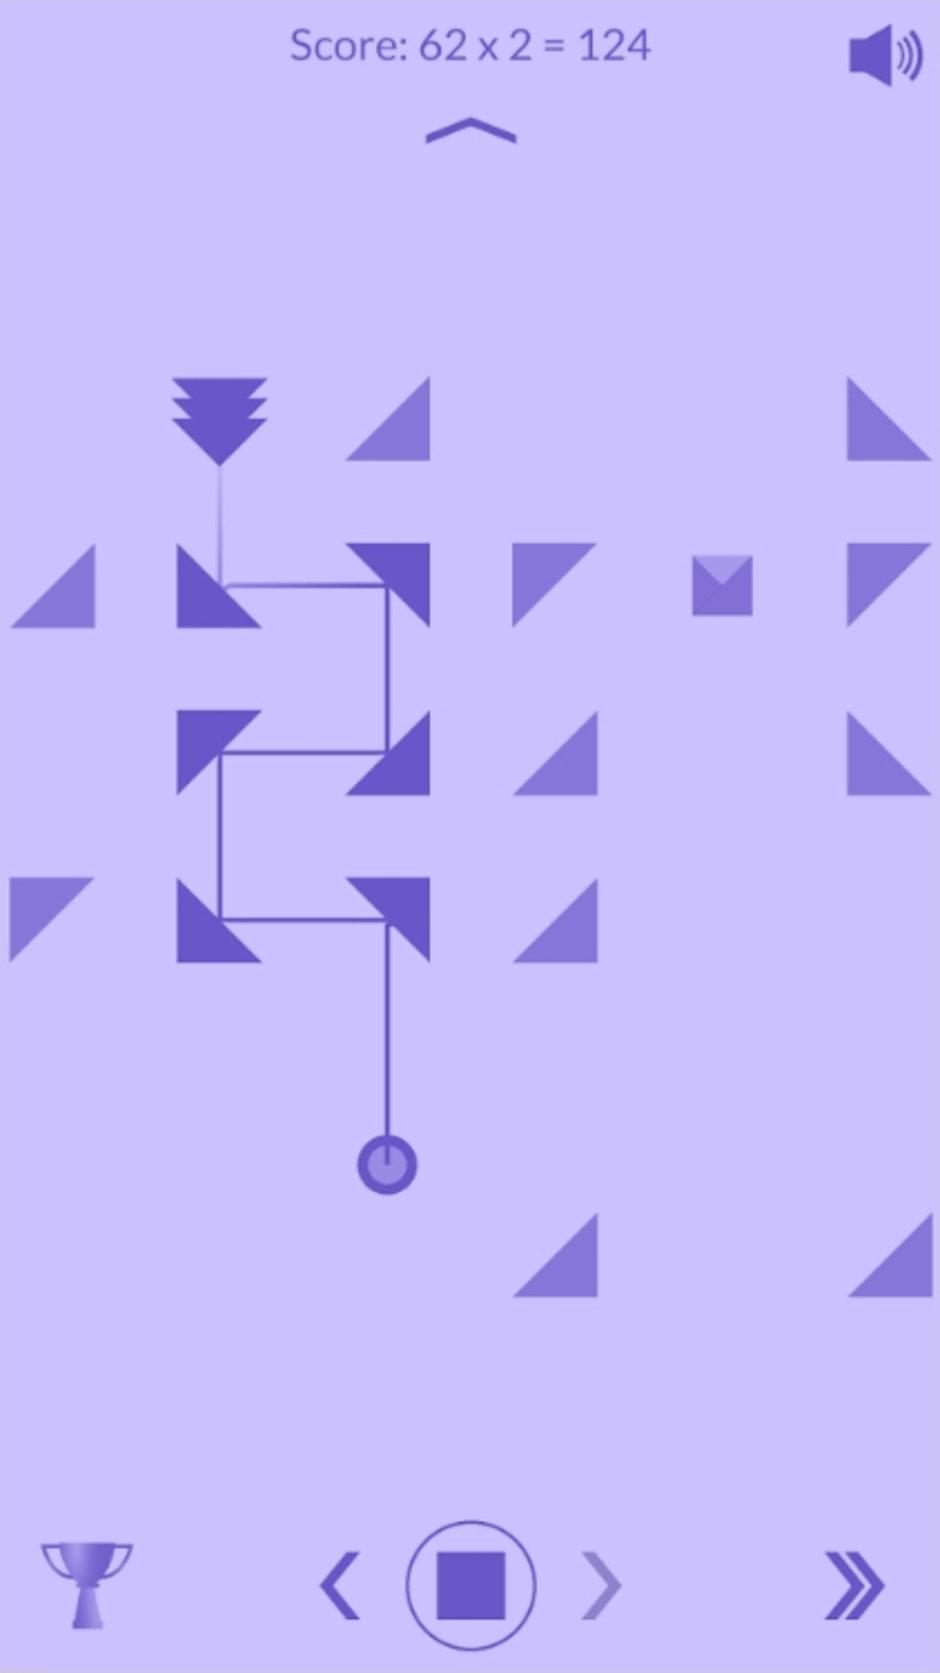 aligncenter size-full wp-image-216161